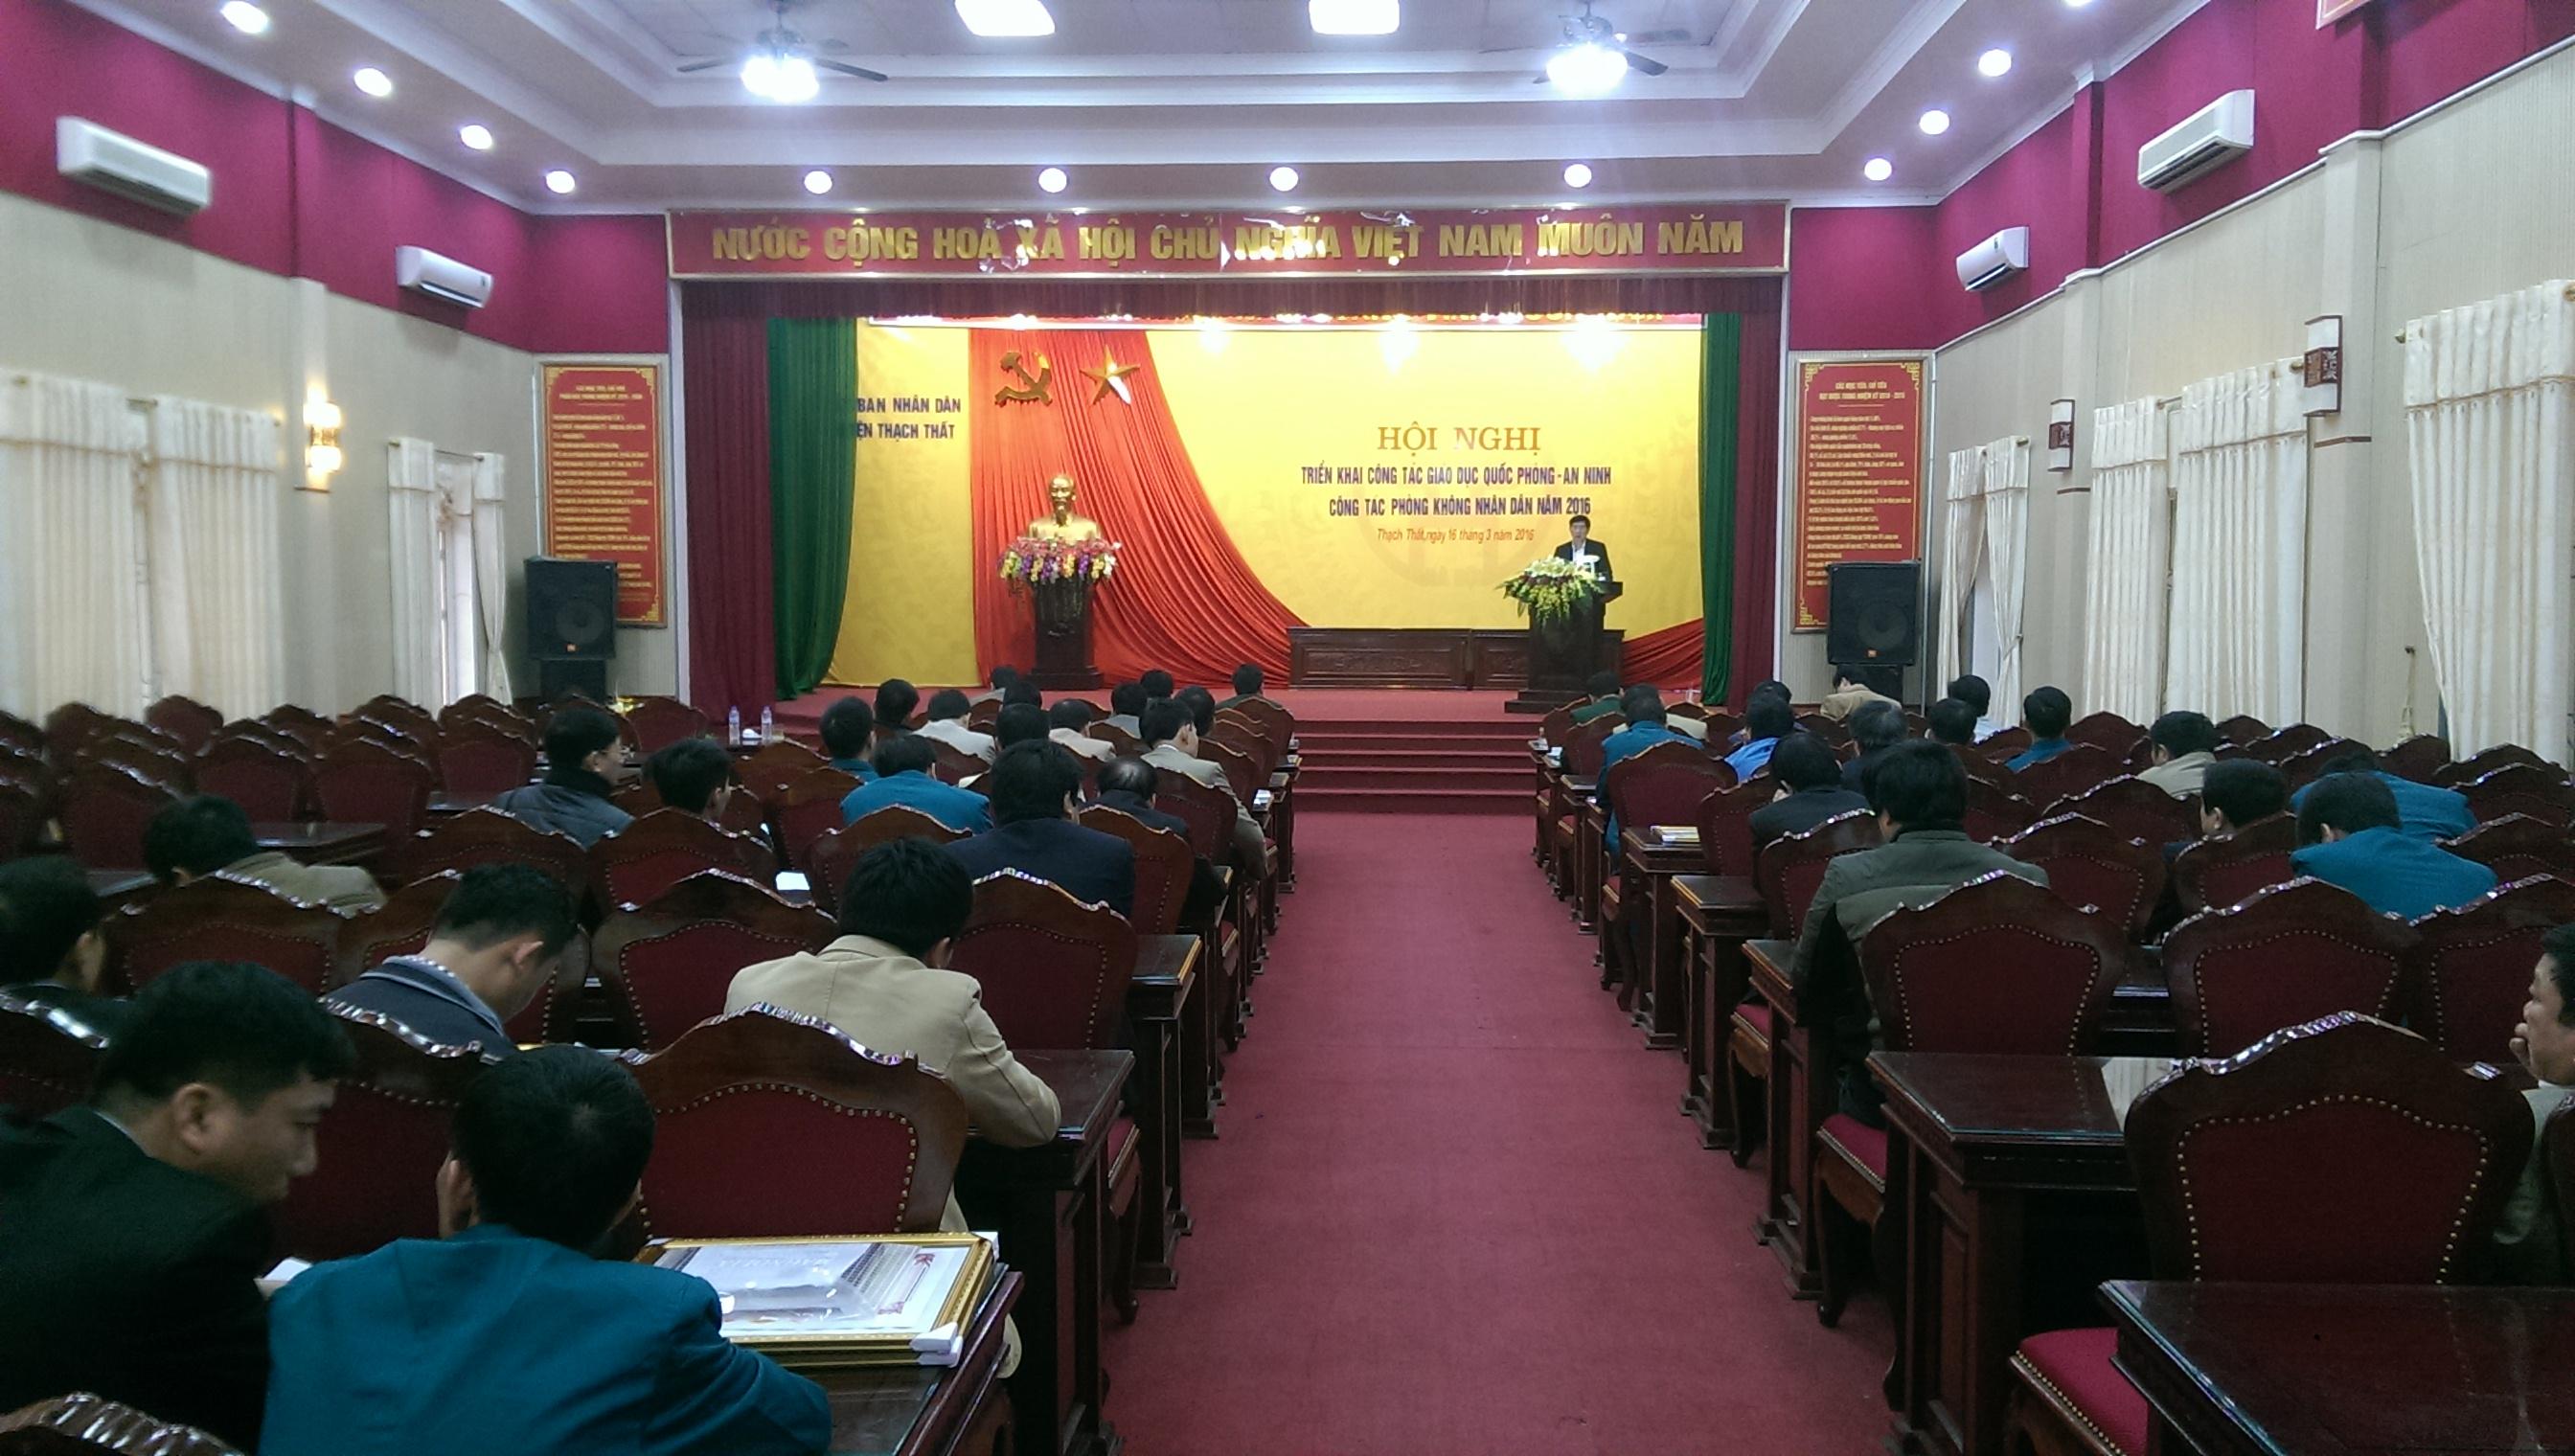 Huyện Thạch Thất triển khai công tác giáo dục quốc phòng an ninh, công tác phòng không nhân dân năm 2016